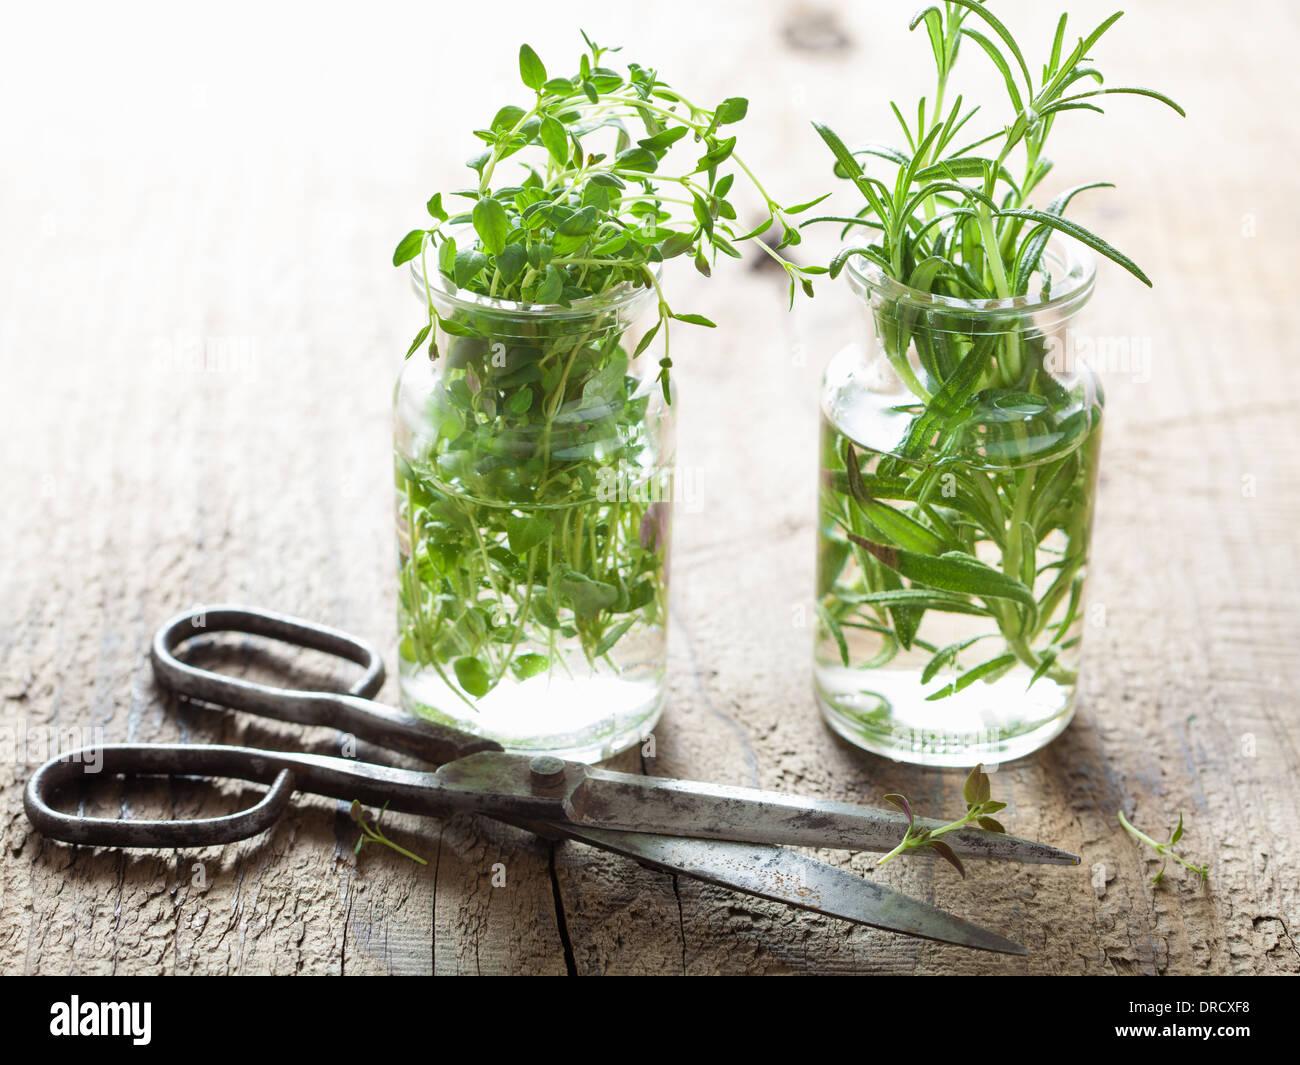 frischen Thymian und Rosmarin Kräuter im Glas Stockbild